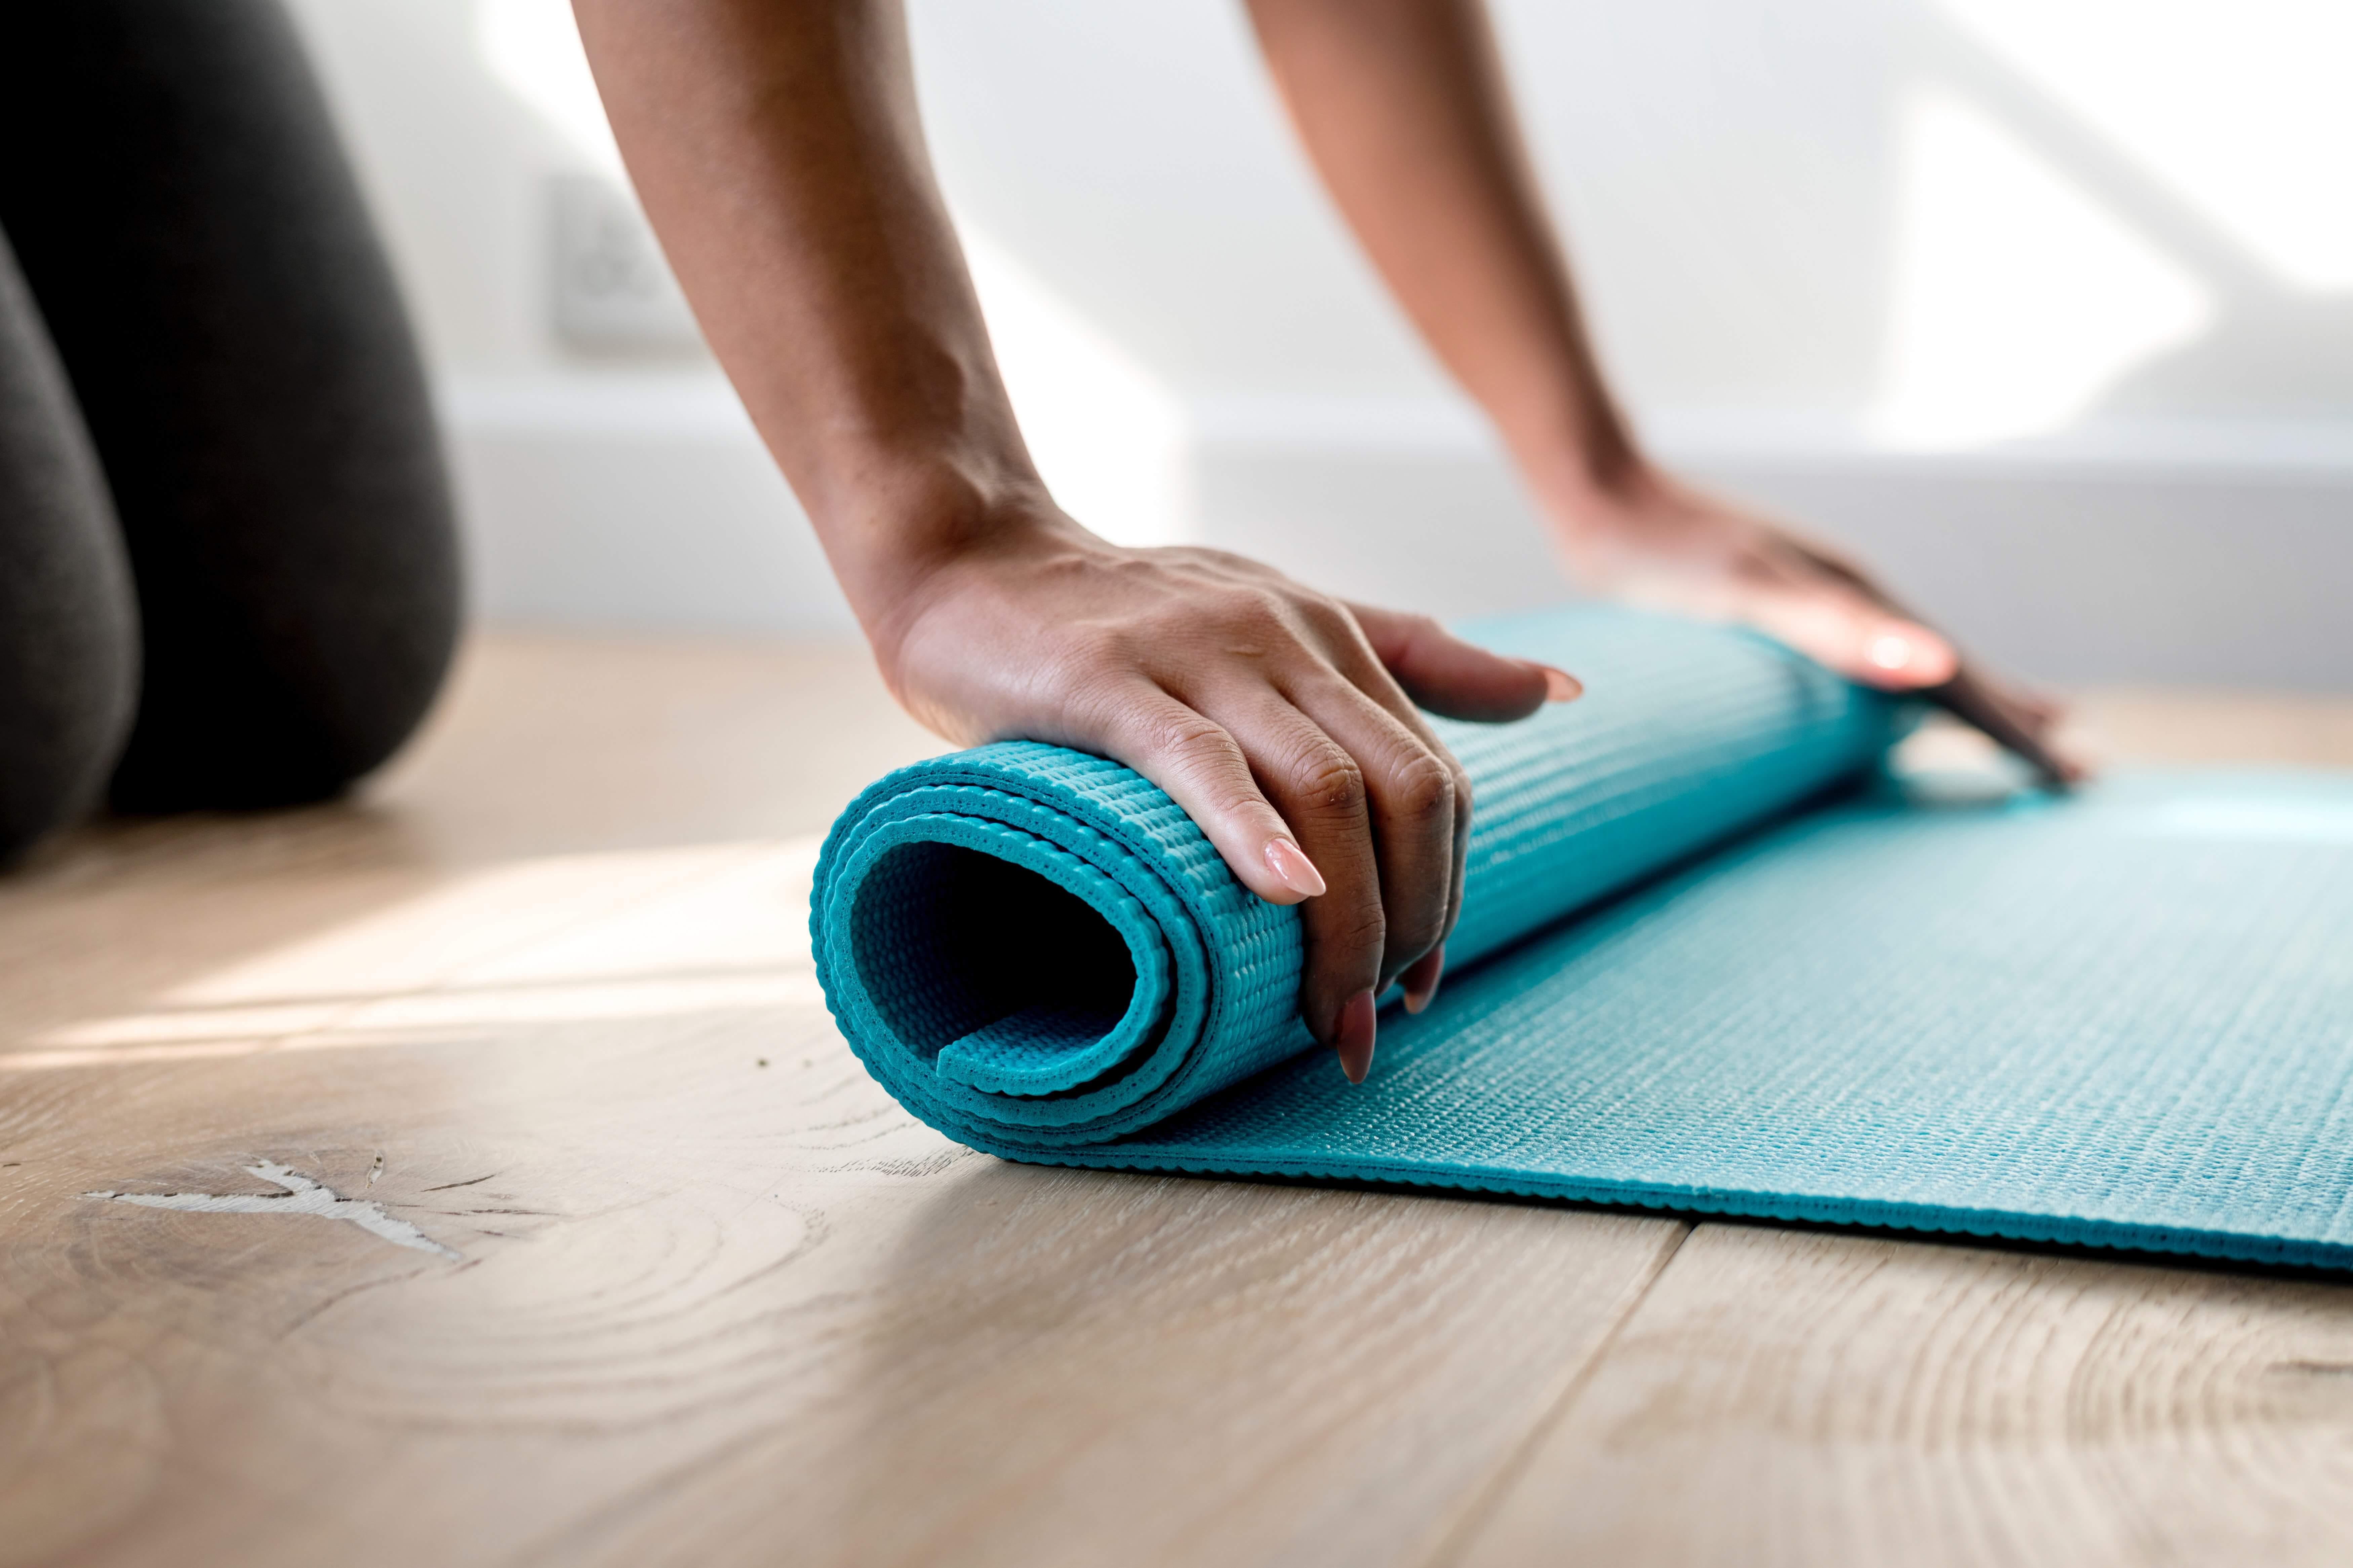 Frau rollt eine Yoga-Matte auf dem Boden aus